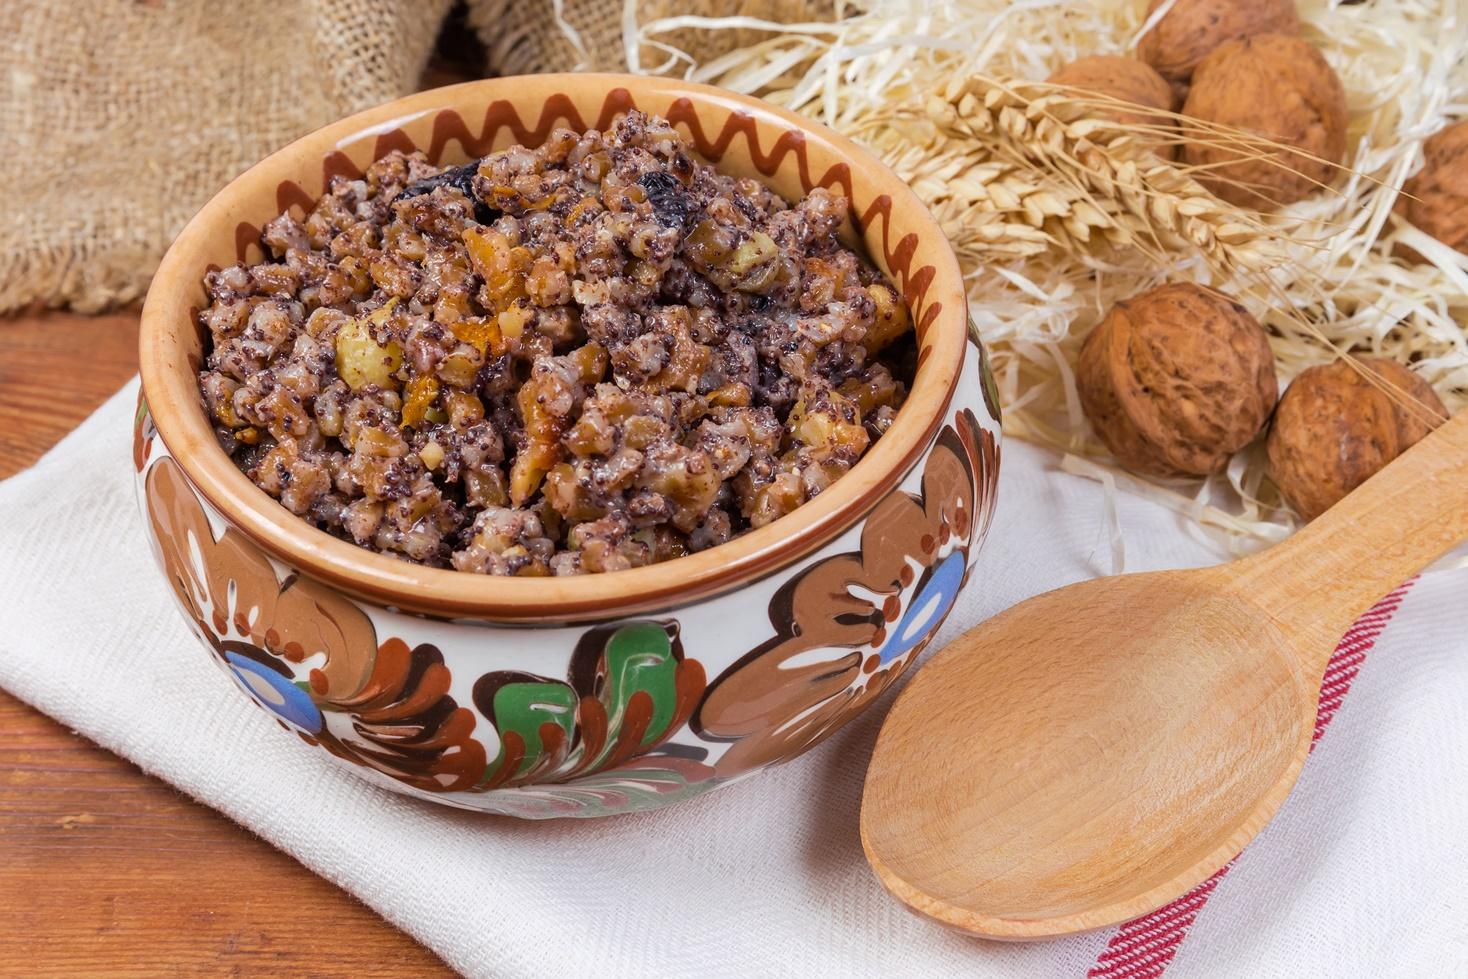 Desert gustos și hrănitor din grâu fiert, într-un vas rustic